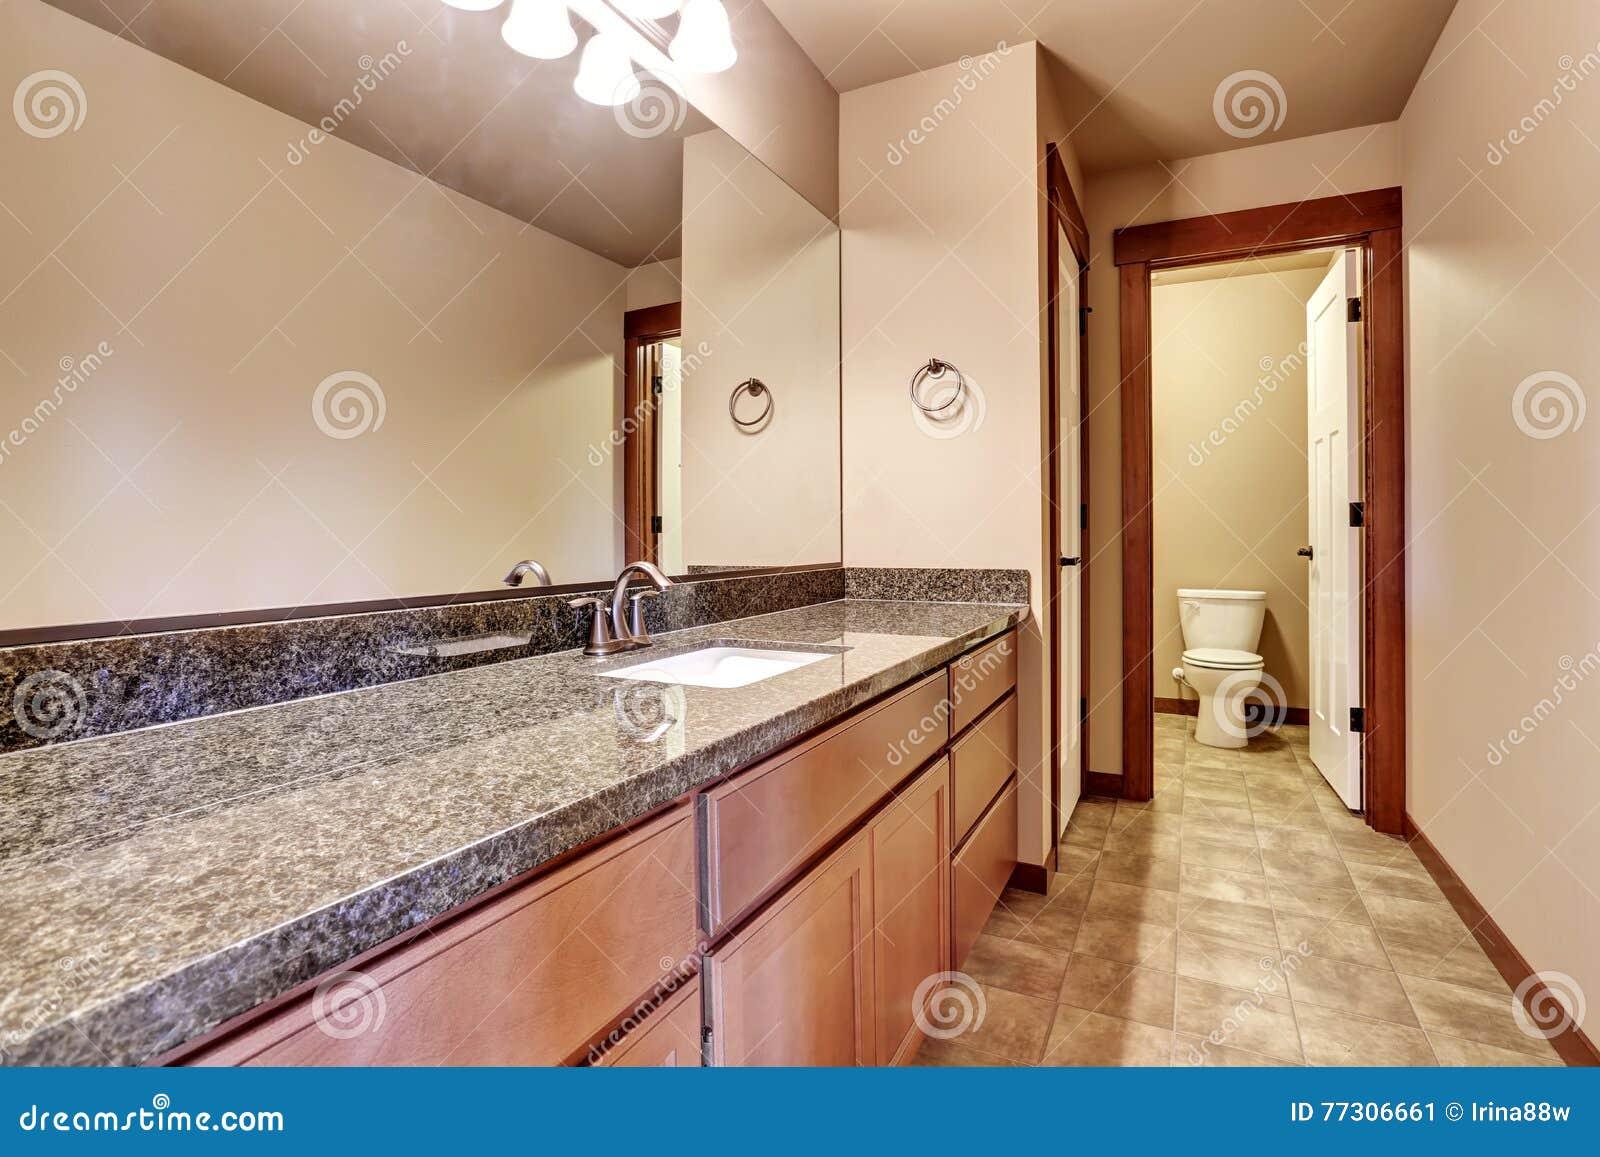 Plan De Travail Granit Beige salle de bains de luxe avec le coffret de vanité avec le